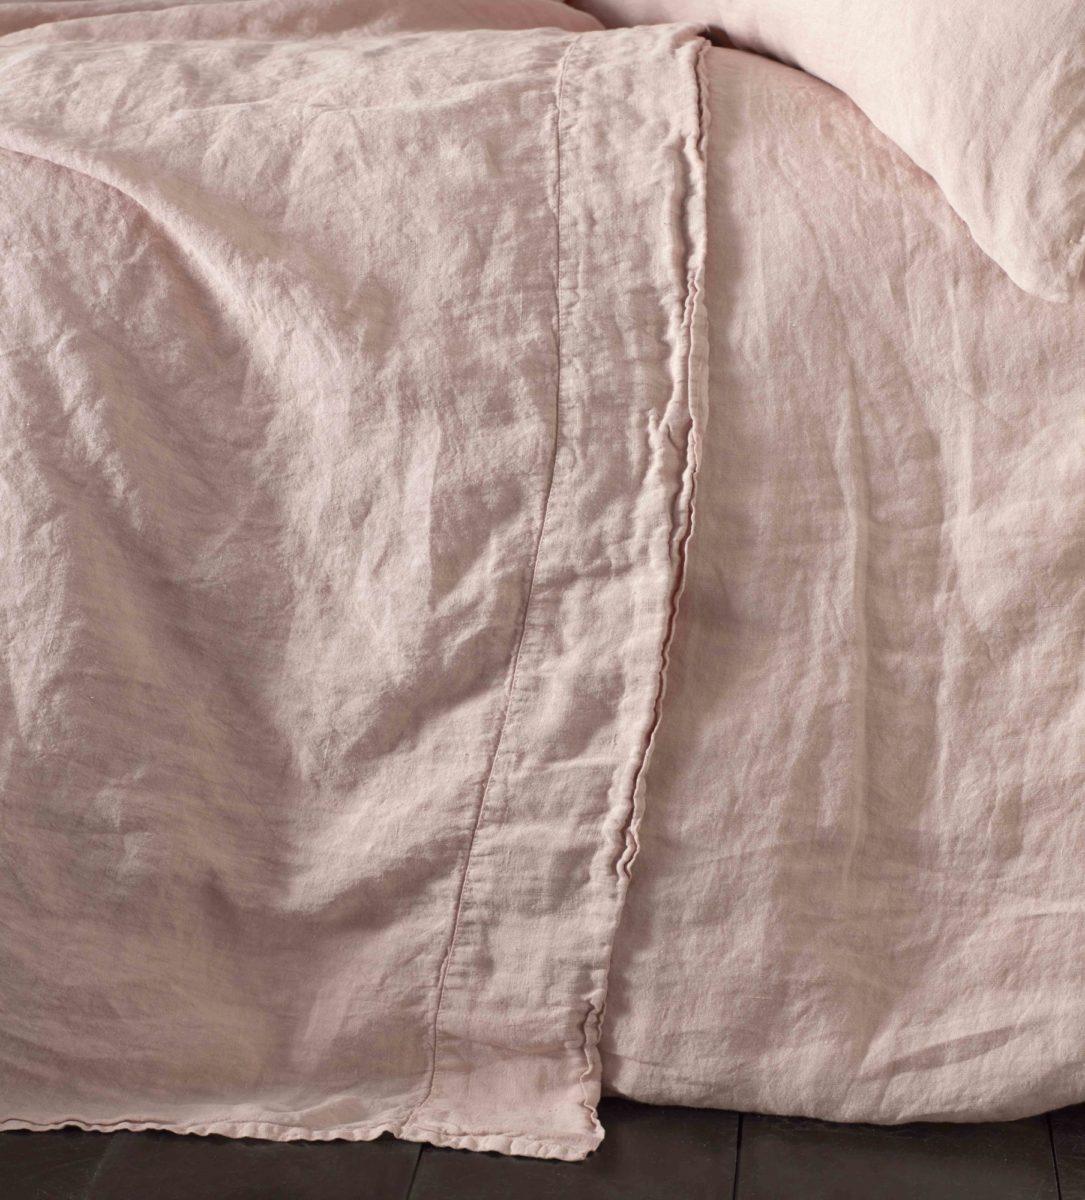 Pink 100 Linen Bedding